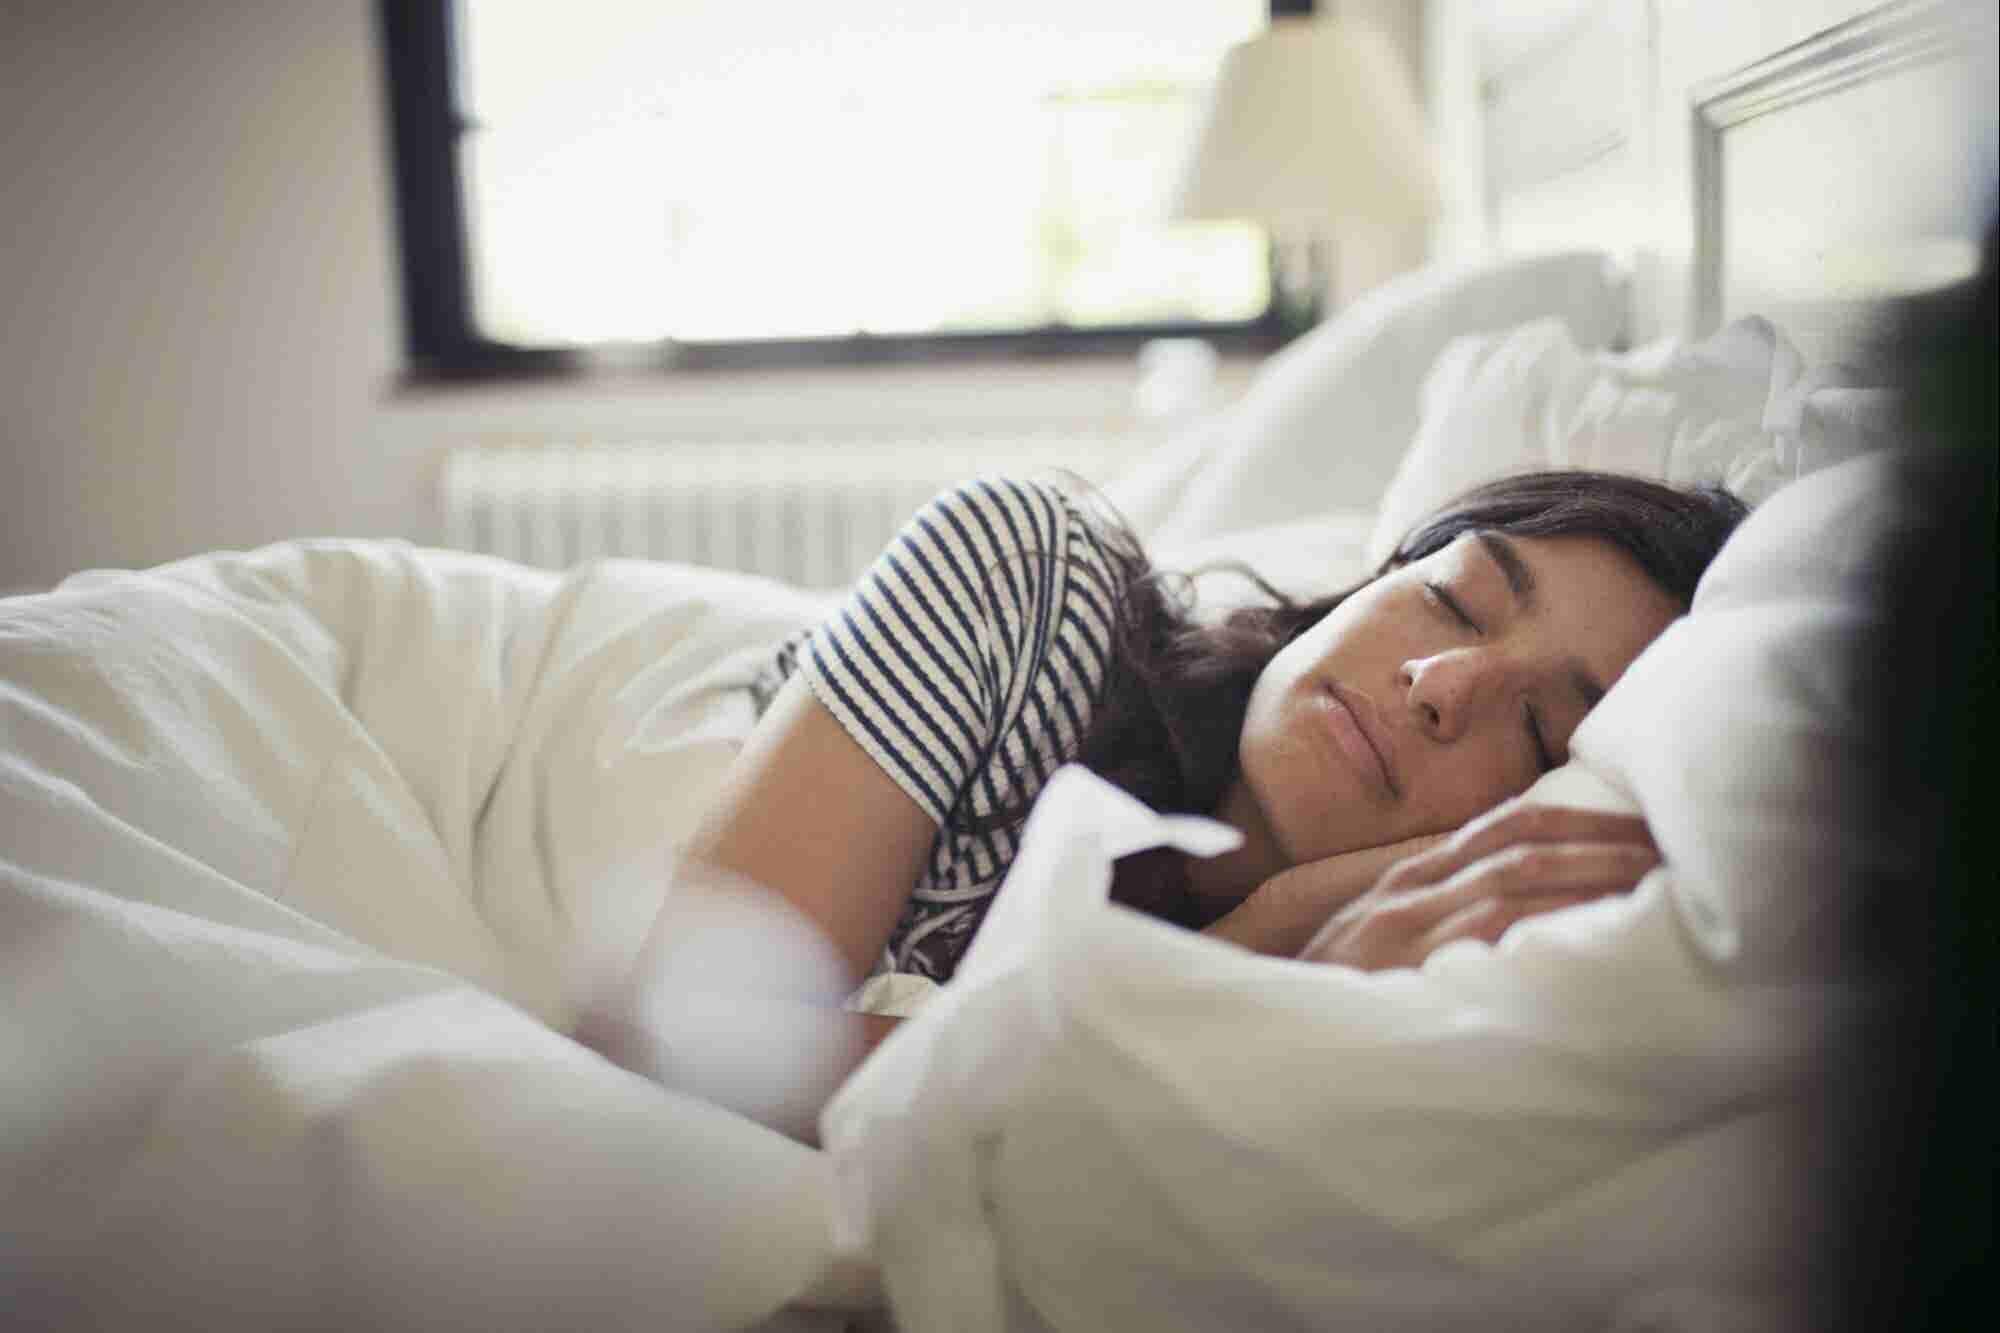 Dormir demasiado podría matarte (dicen los científicos)